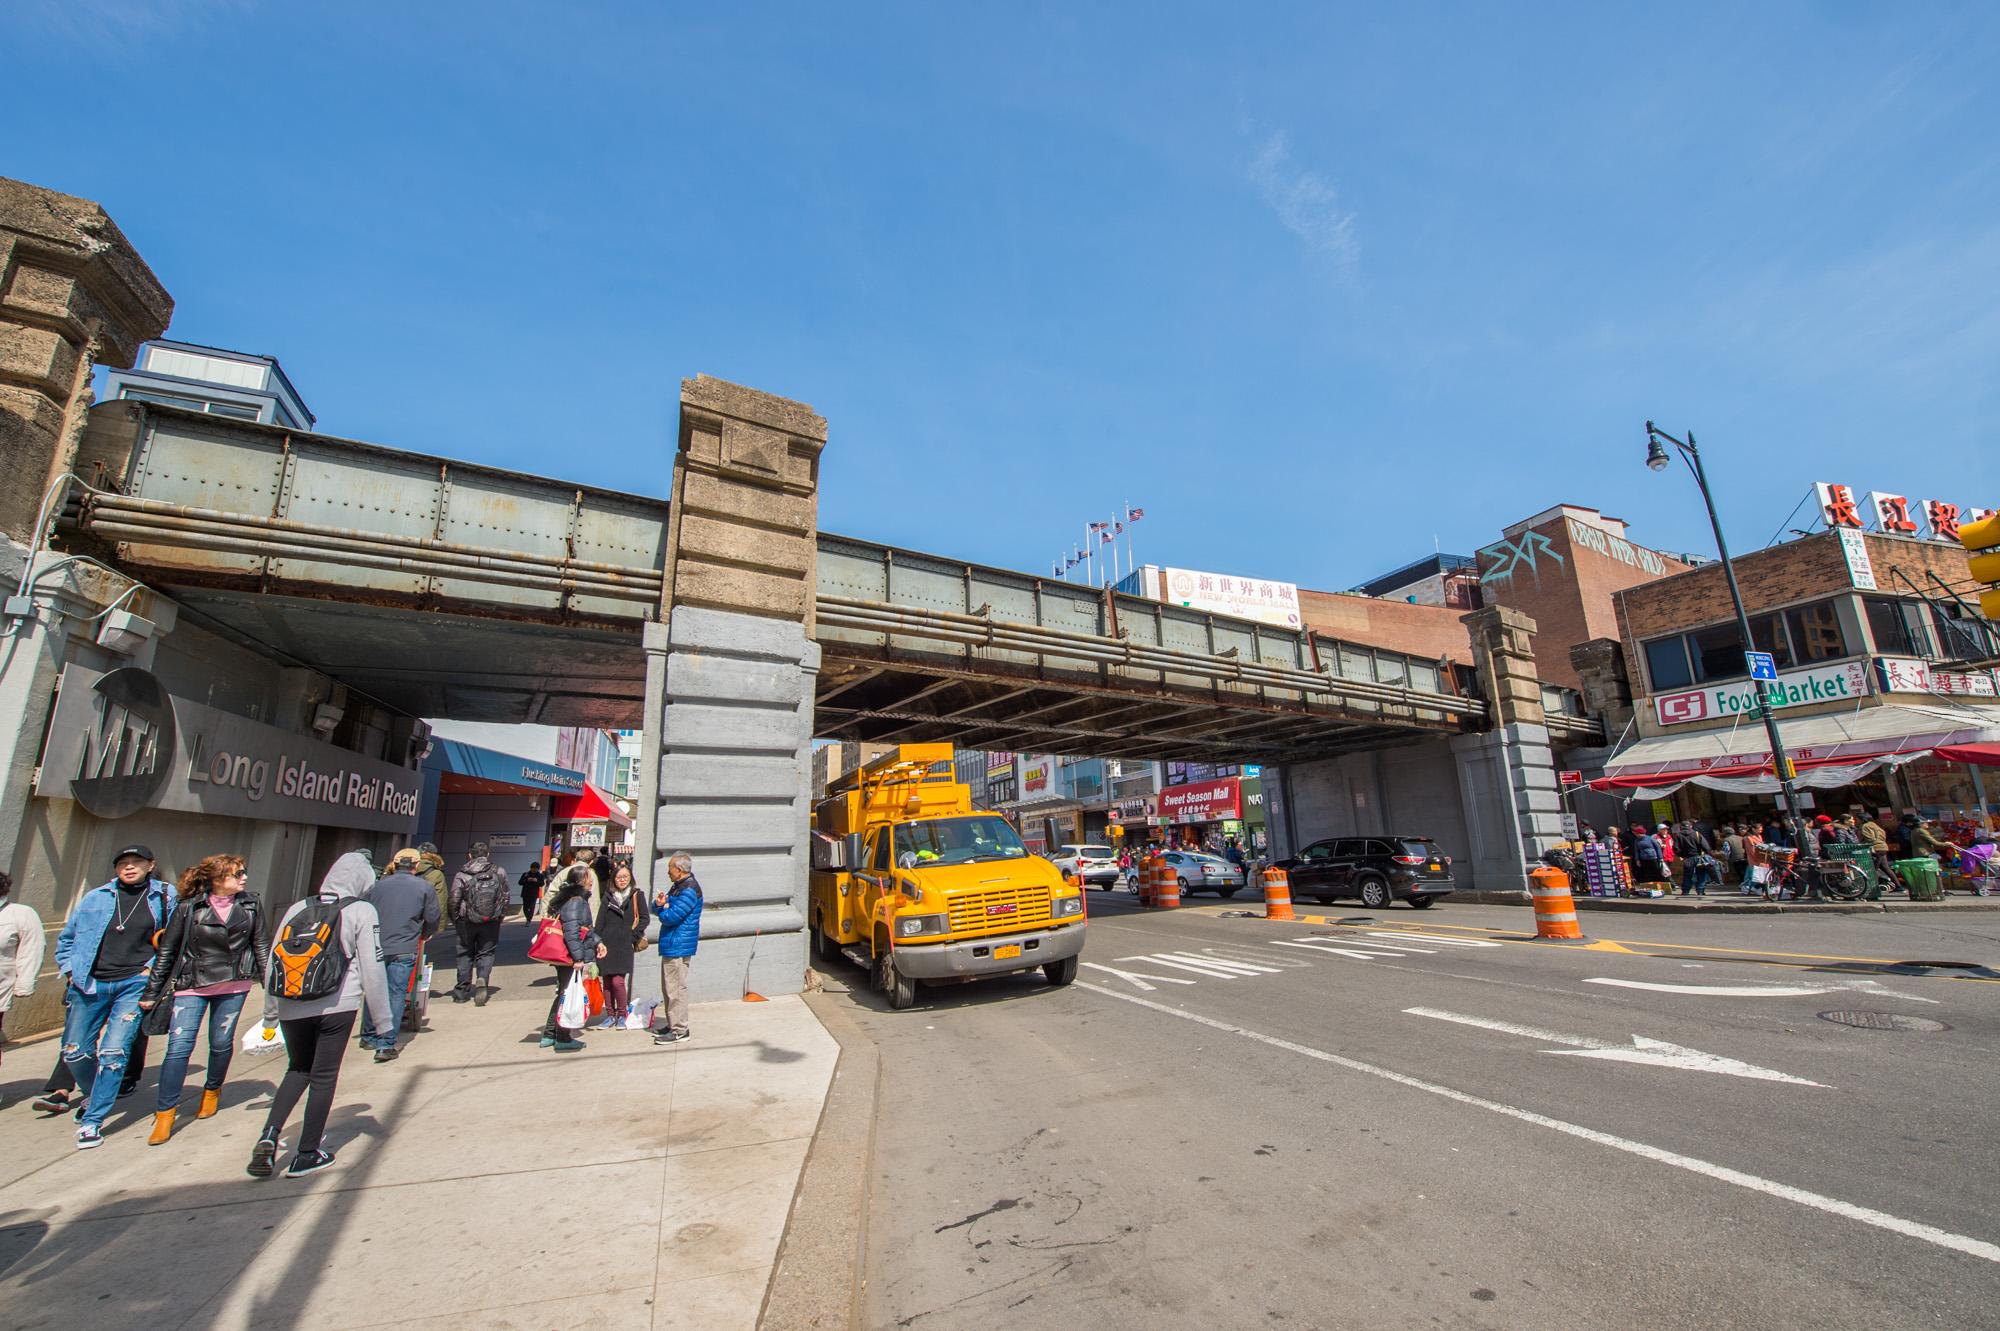 Flushing Main Street Bridge 04-04-19